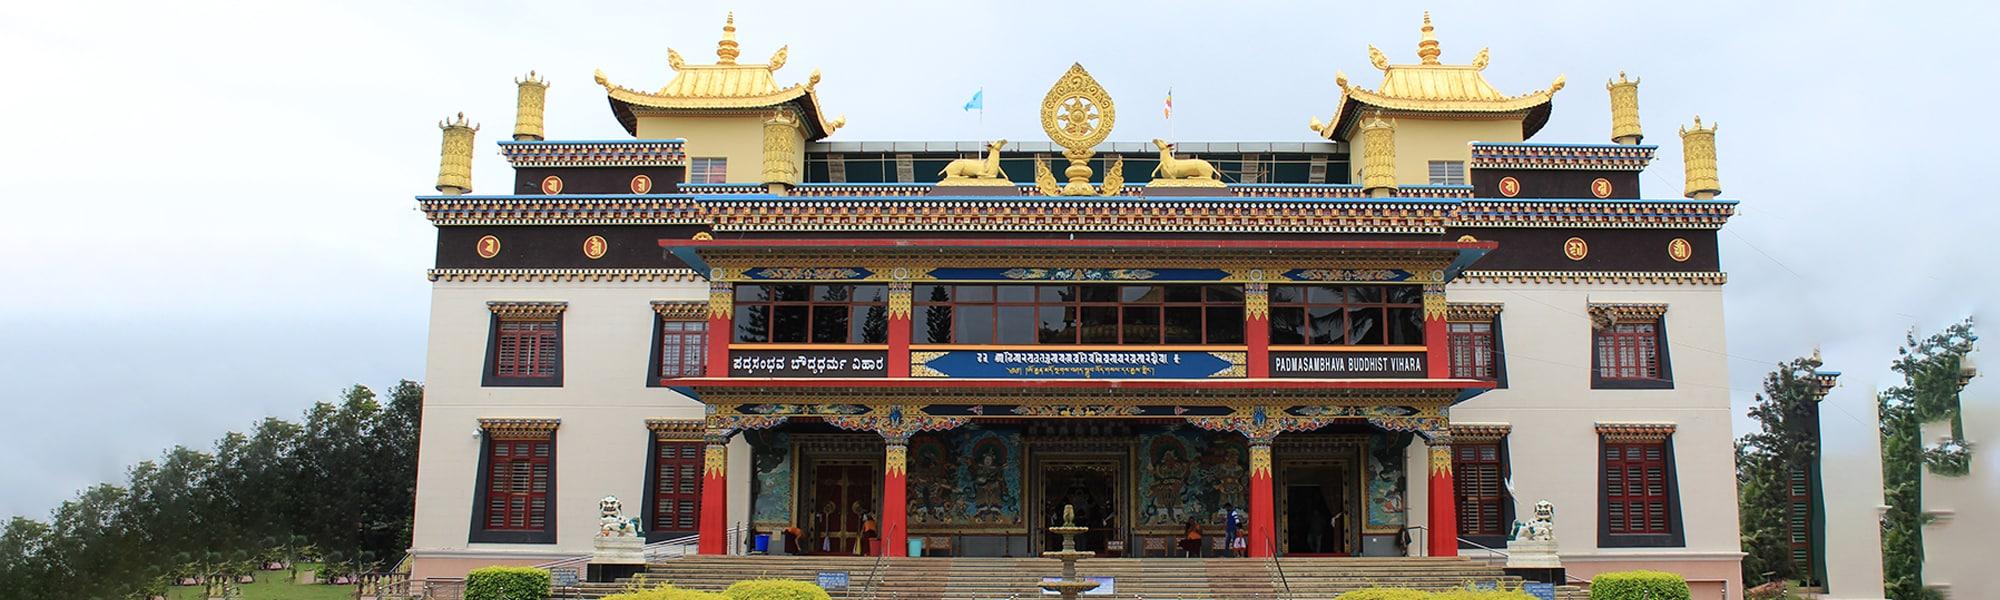 Golden Temple (Namdroling Monastery)